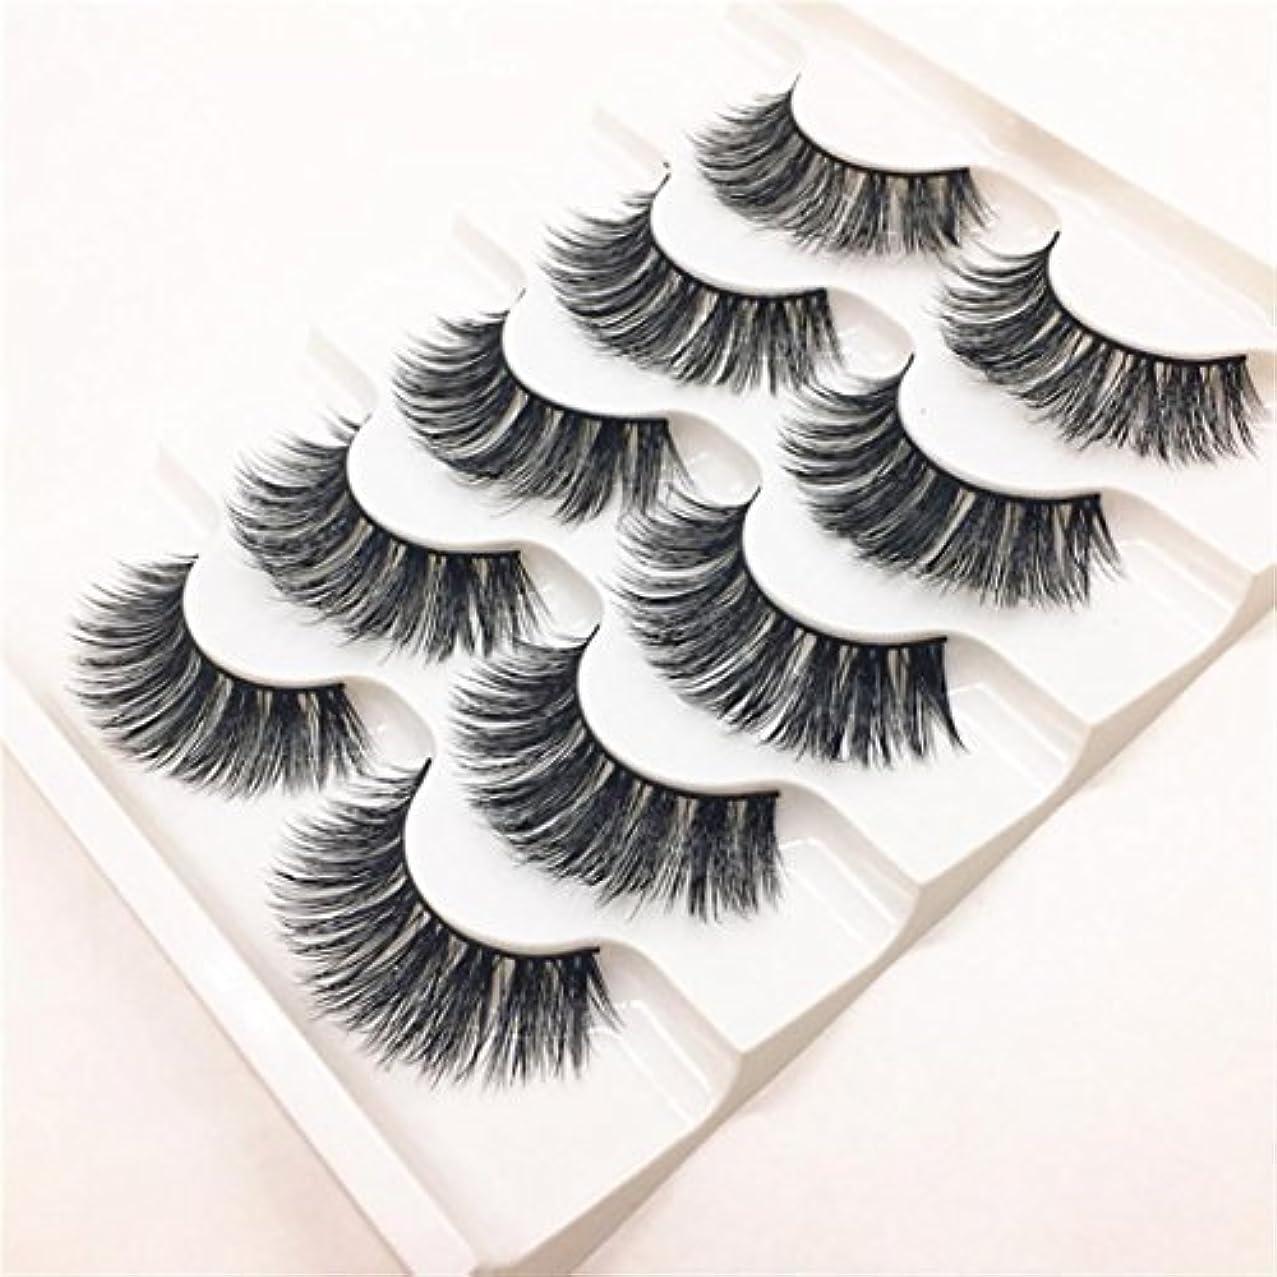 ローズノイズロッカーFeteso 5ペア つけまつげ 上まつげ Eyelashes アイラッシュ ビューティー まつげエクステ レディース 化粧ツール アイメイクアップ 人気 ナチュラル 飾り 柔らかい 装着簡単 綺麗 濃密 再利用可能